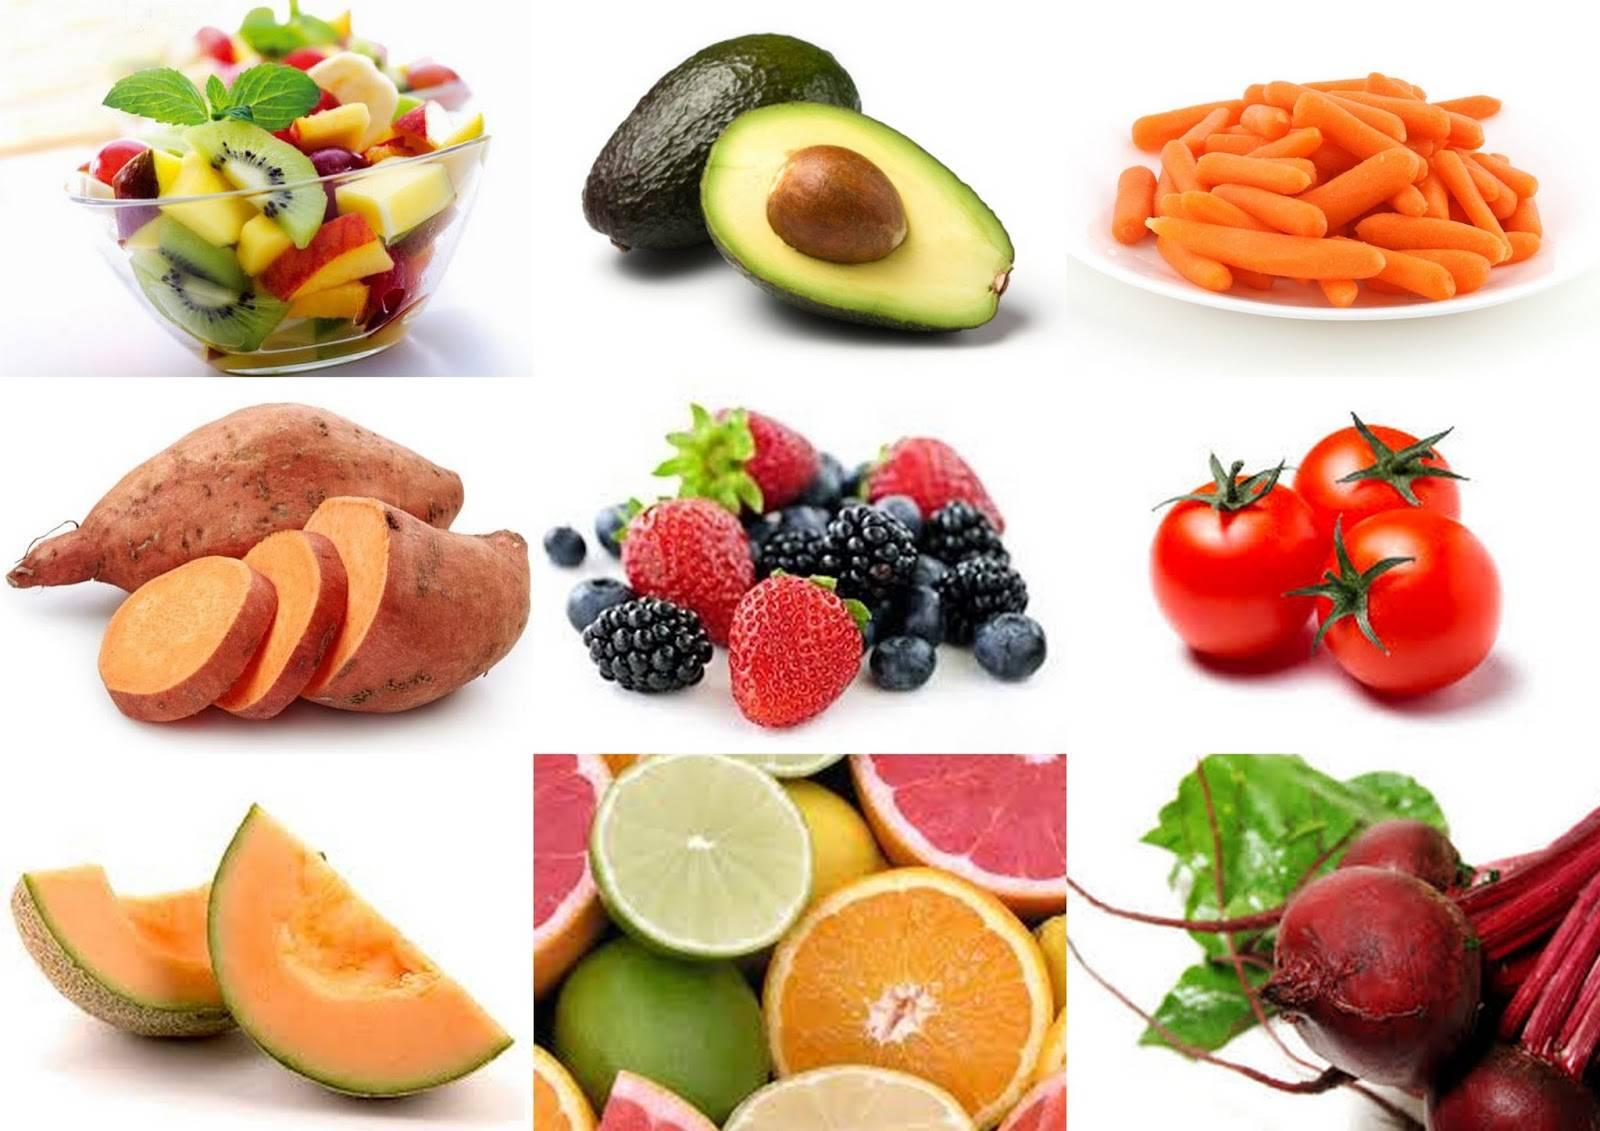 Какие продукты повышают давление у человека: список фруктов и овощей, поднимающих ад при гипотонии у женщин и мужчин